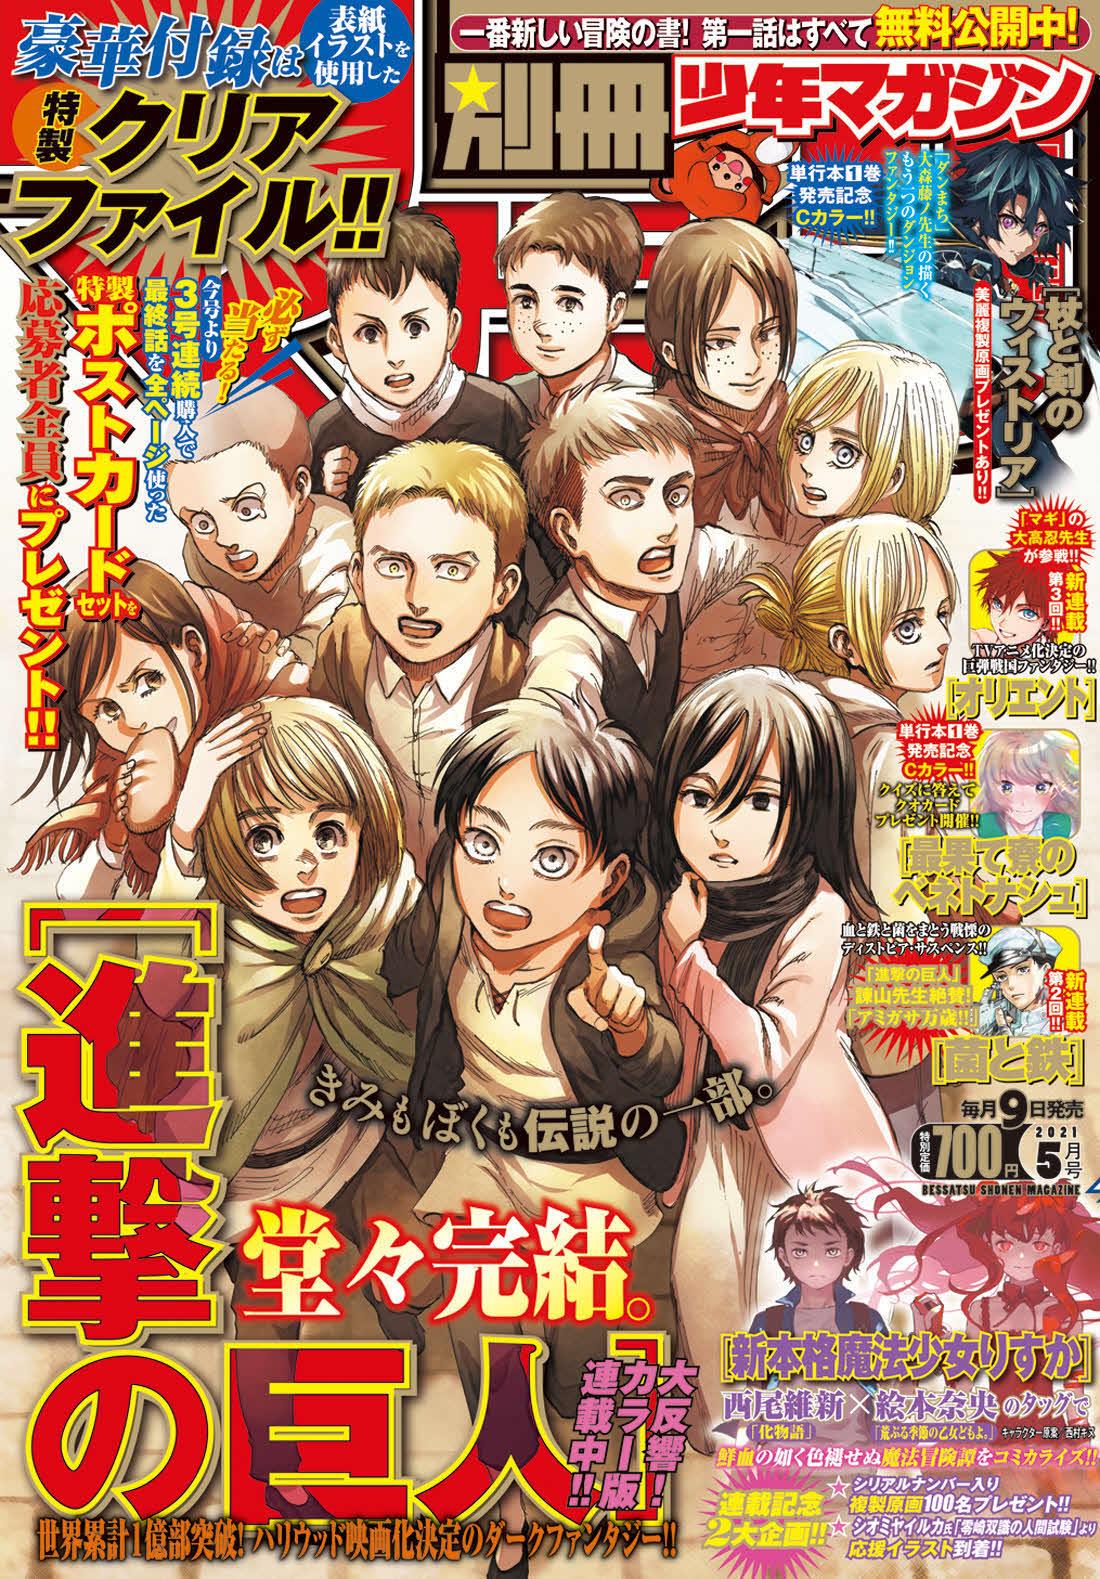 諫山創氏原作の漫画「進撃の巨人」が完結した、9日発売の漫画誌「別冊少年マガジン」5月号